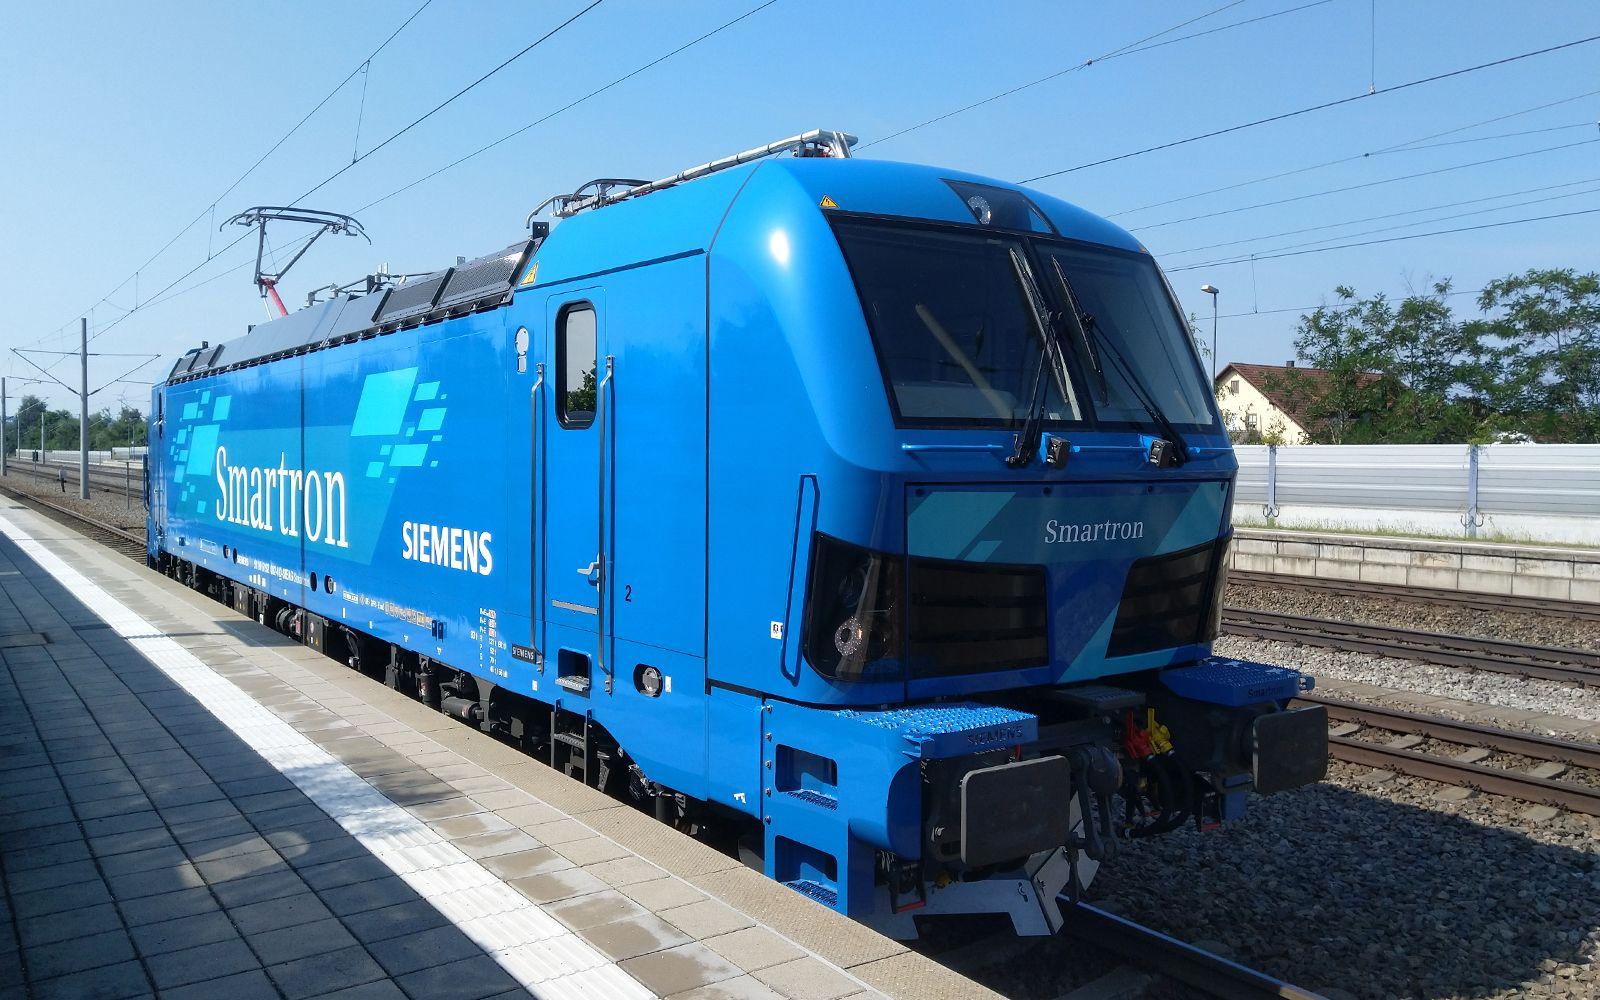 ©Foto: Denis Herwig   railmen   Siemens Smartron Baureihe 192 in Rohrbach an der Ilm